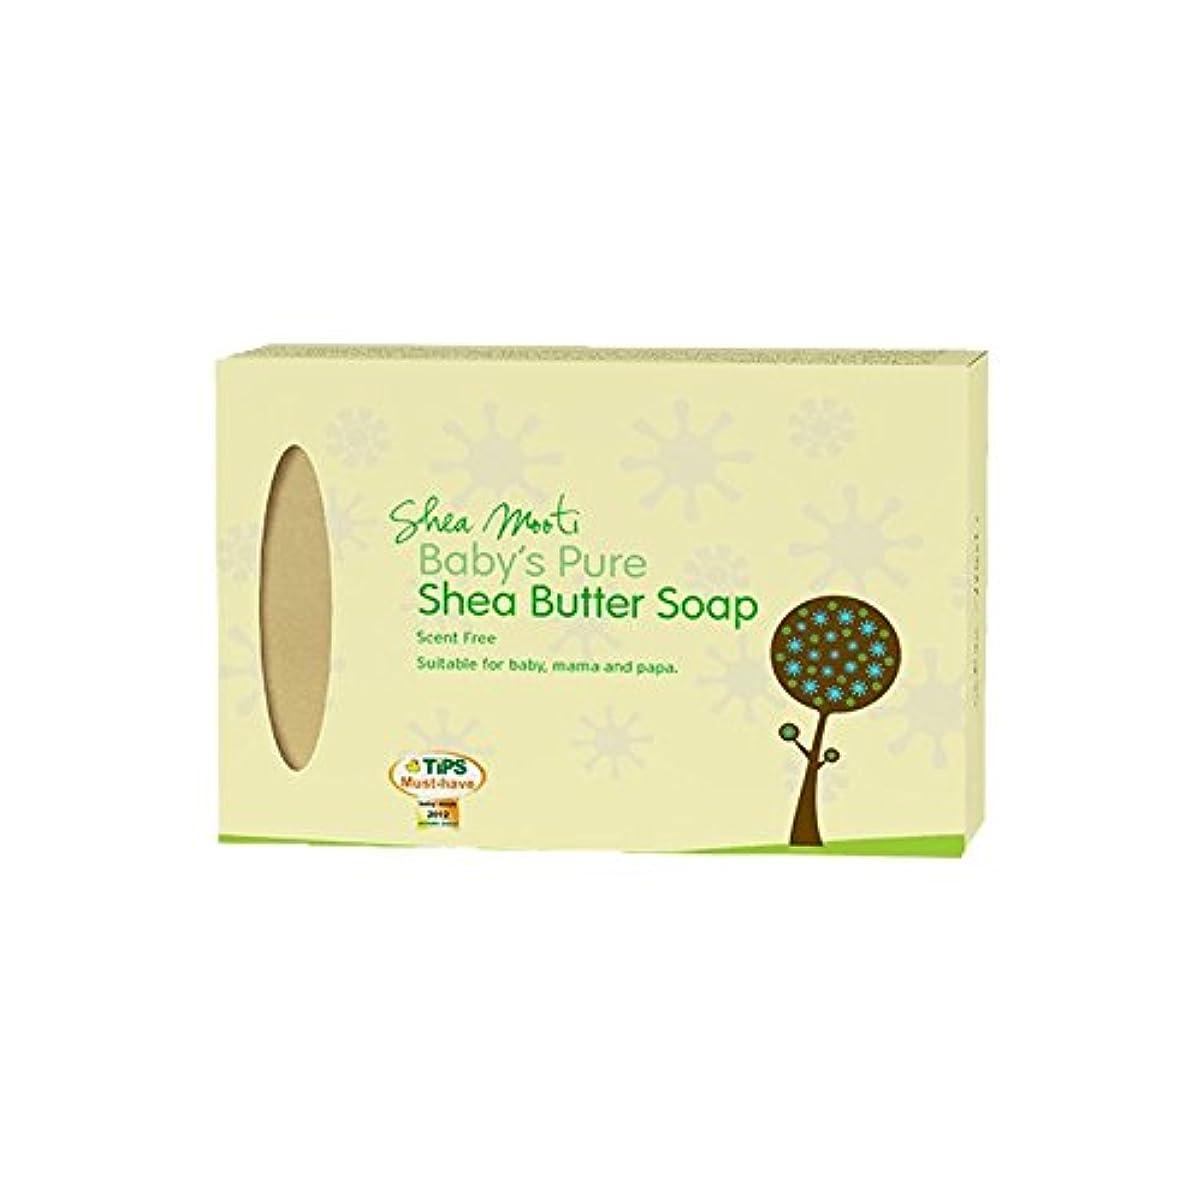 貫通資格手綱Shea Mooti Baby's Pure Shea Butter Soap Unscented 250ml (Pack of 6) - シアバターMooti赤ちゃんの純粋なシアバターソープ無香250ミリリットル (x6...